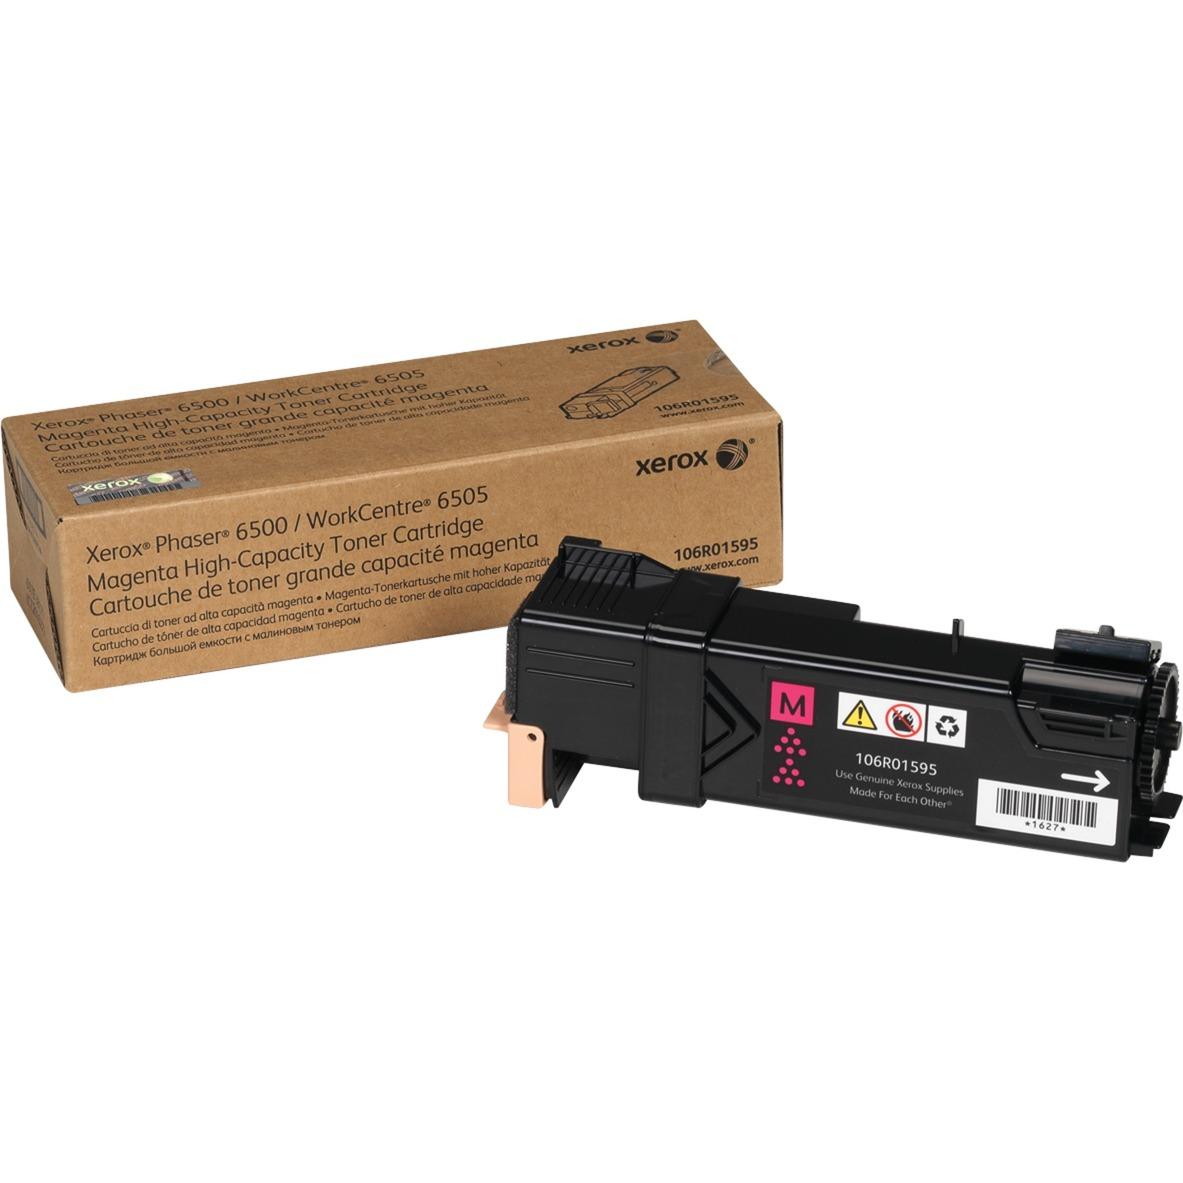 Phaser 6500/Wc 6505, Cartucho De Tóner Magenta De Gran Capacidad (2.500 Páginas)